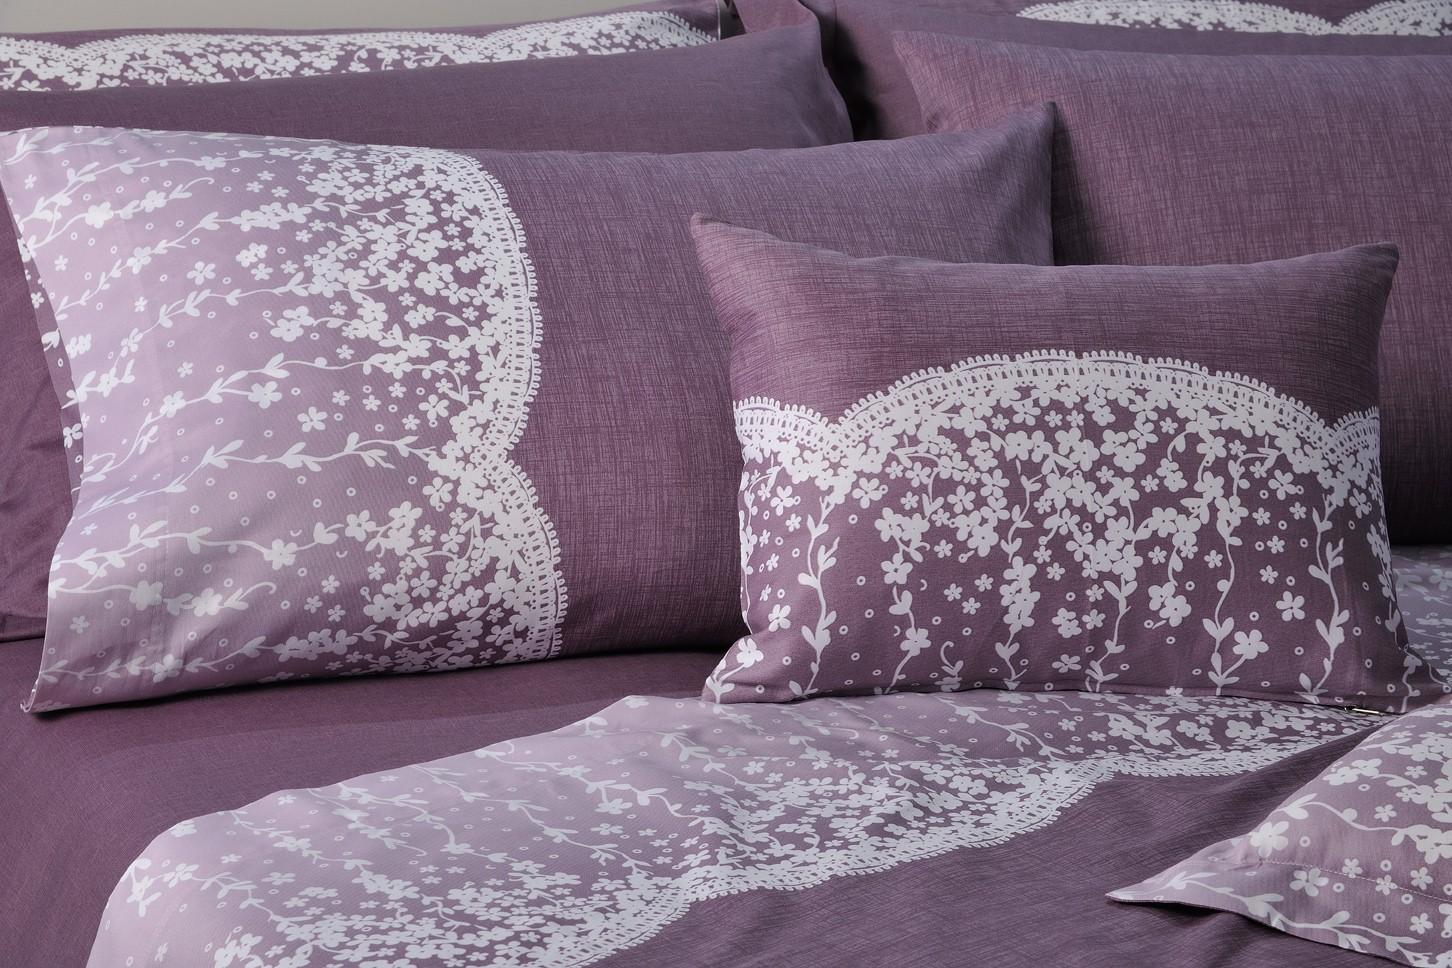 Παπλωματοθήκη Μονή (Σετ) Down Town Lace Purple S 622